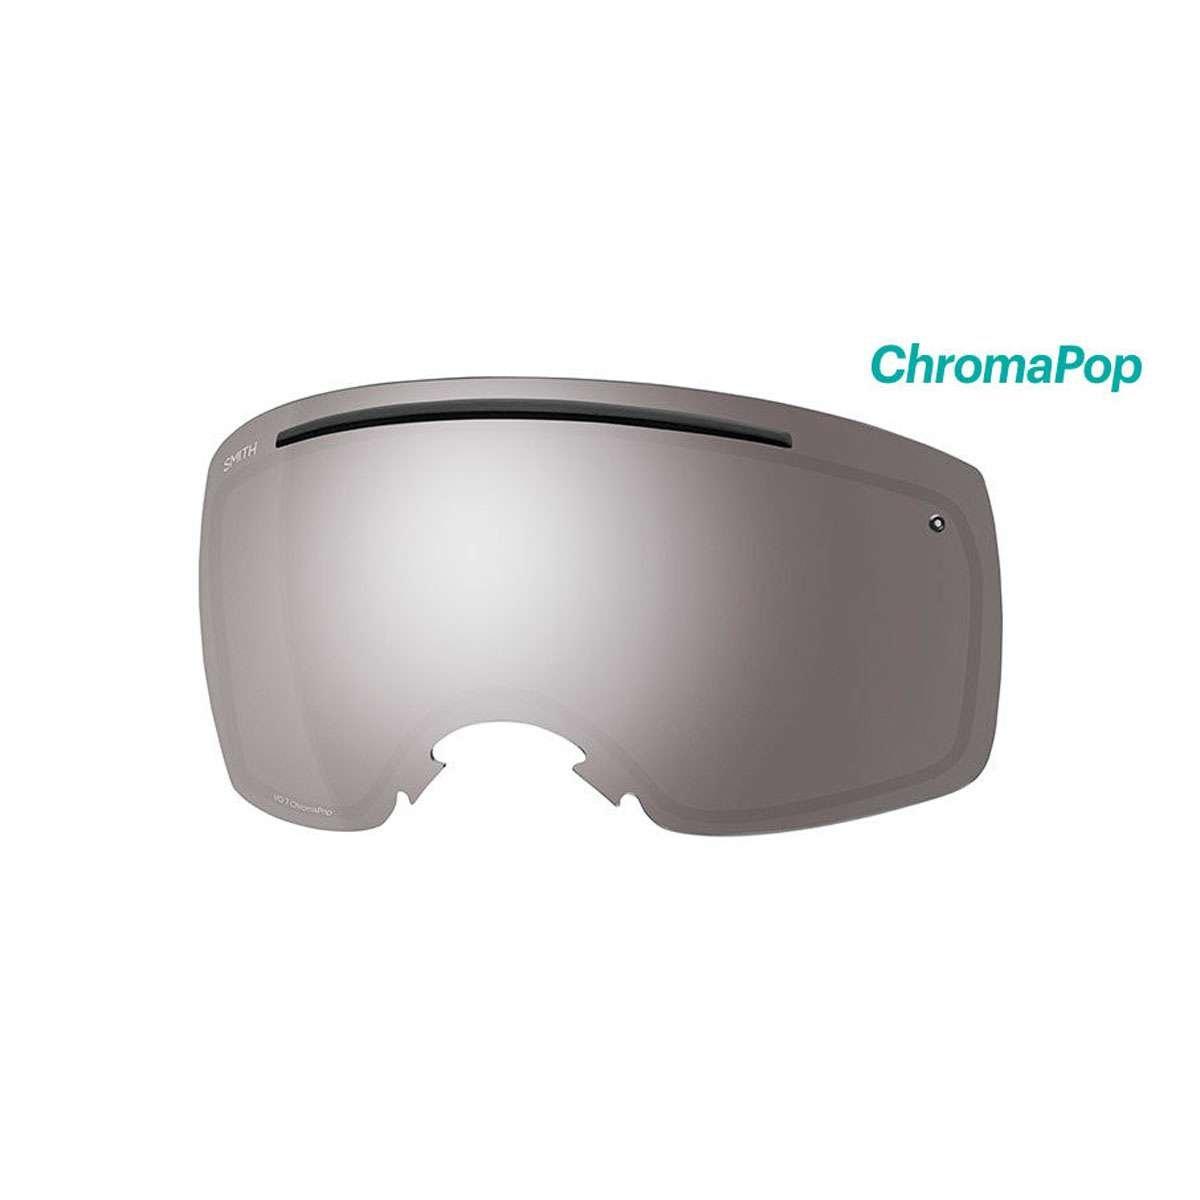 6fd99ec2fa8 Amazon.com  Smith I O7 Replacement Lens- ChromaPop I O7   Everyday Green  Mirror 23% VLT  Sports   Outdoors